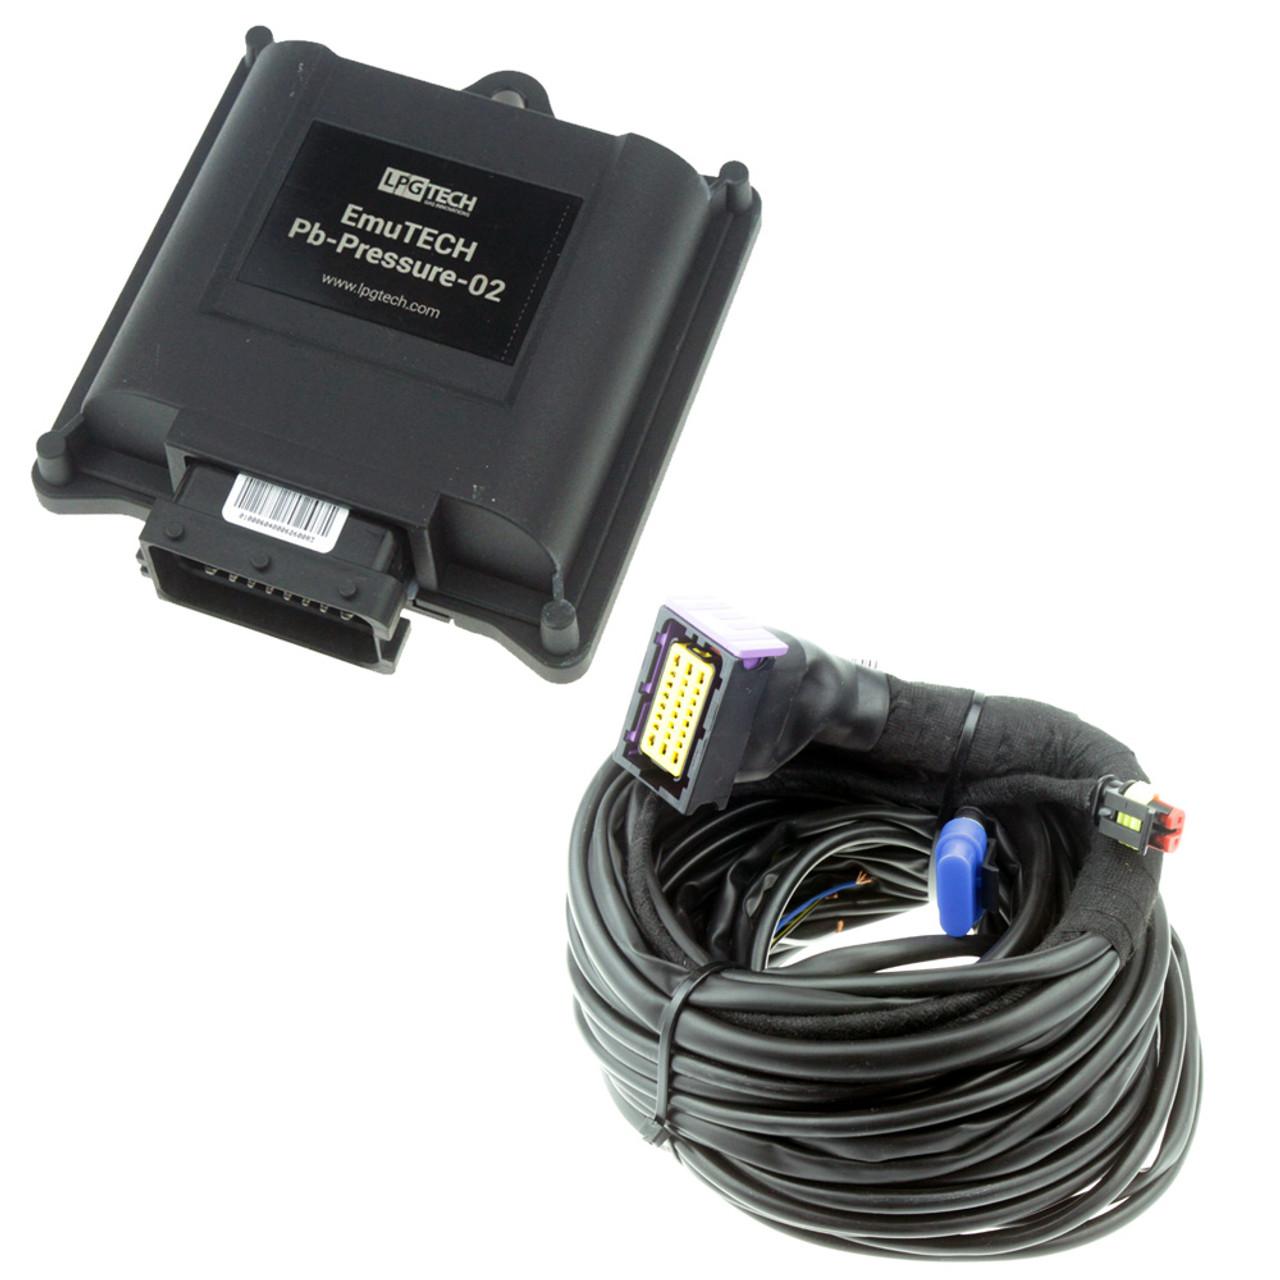 LPGTECH Fuel Pressure Emulator EmuTech